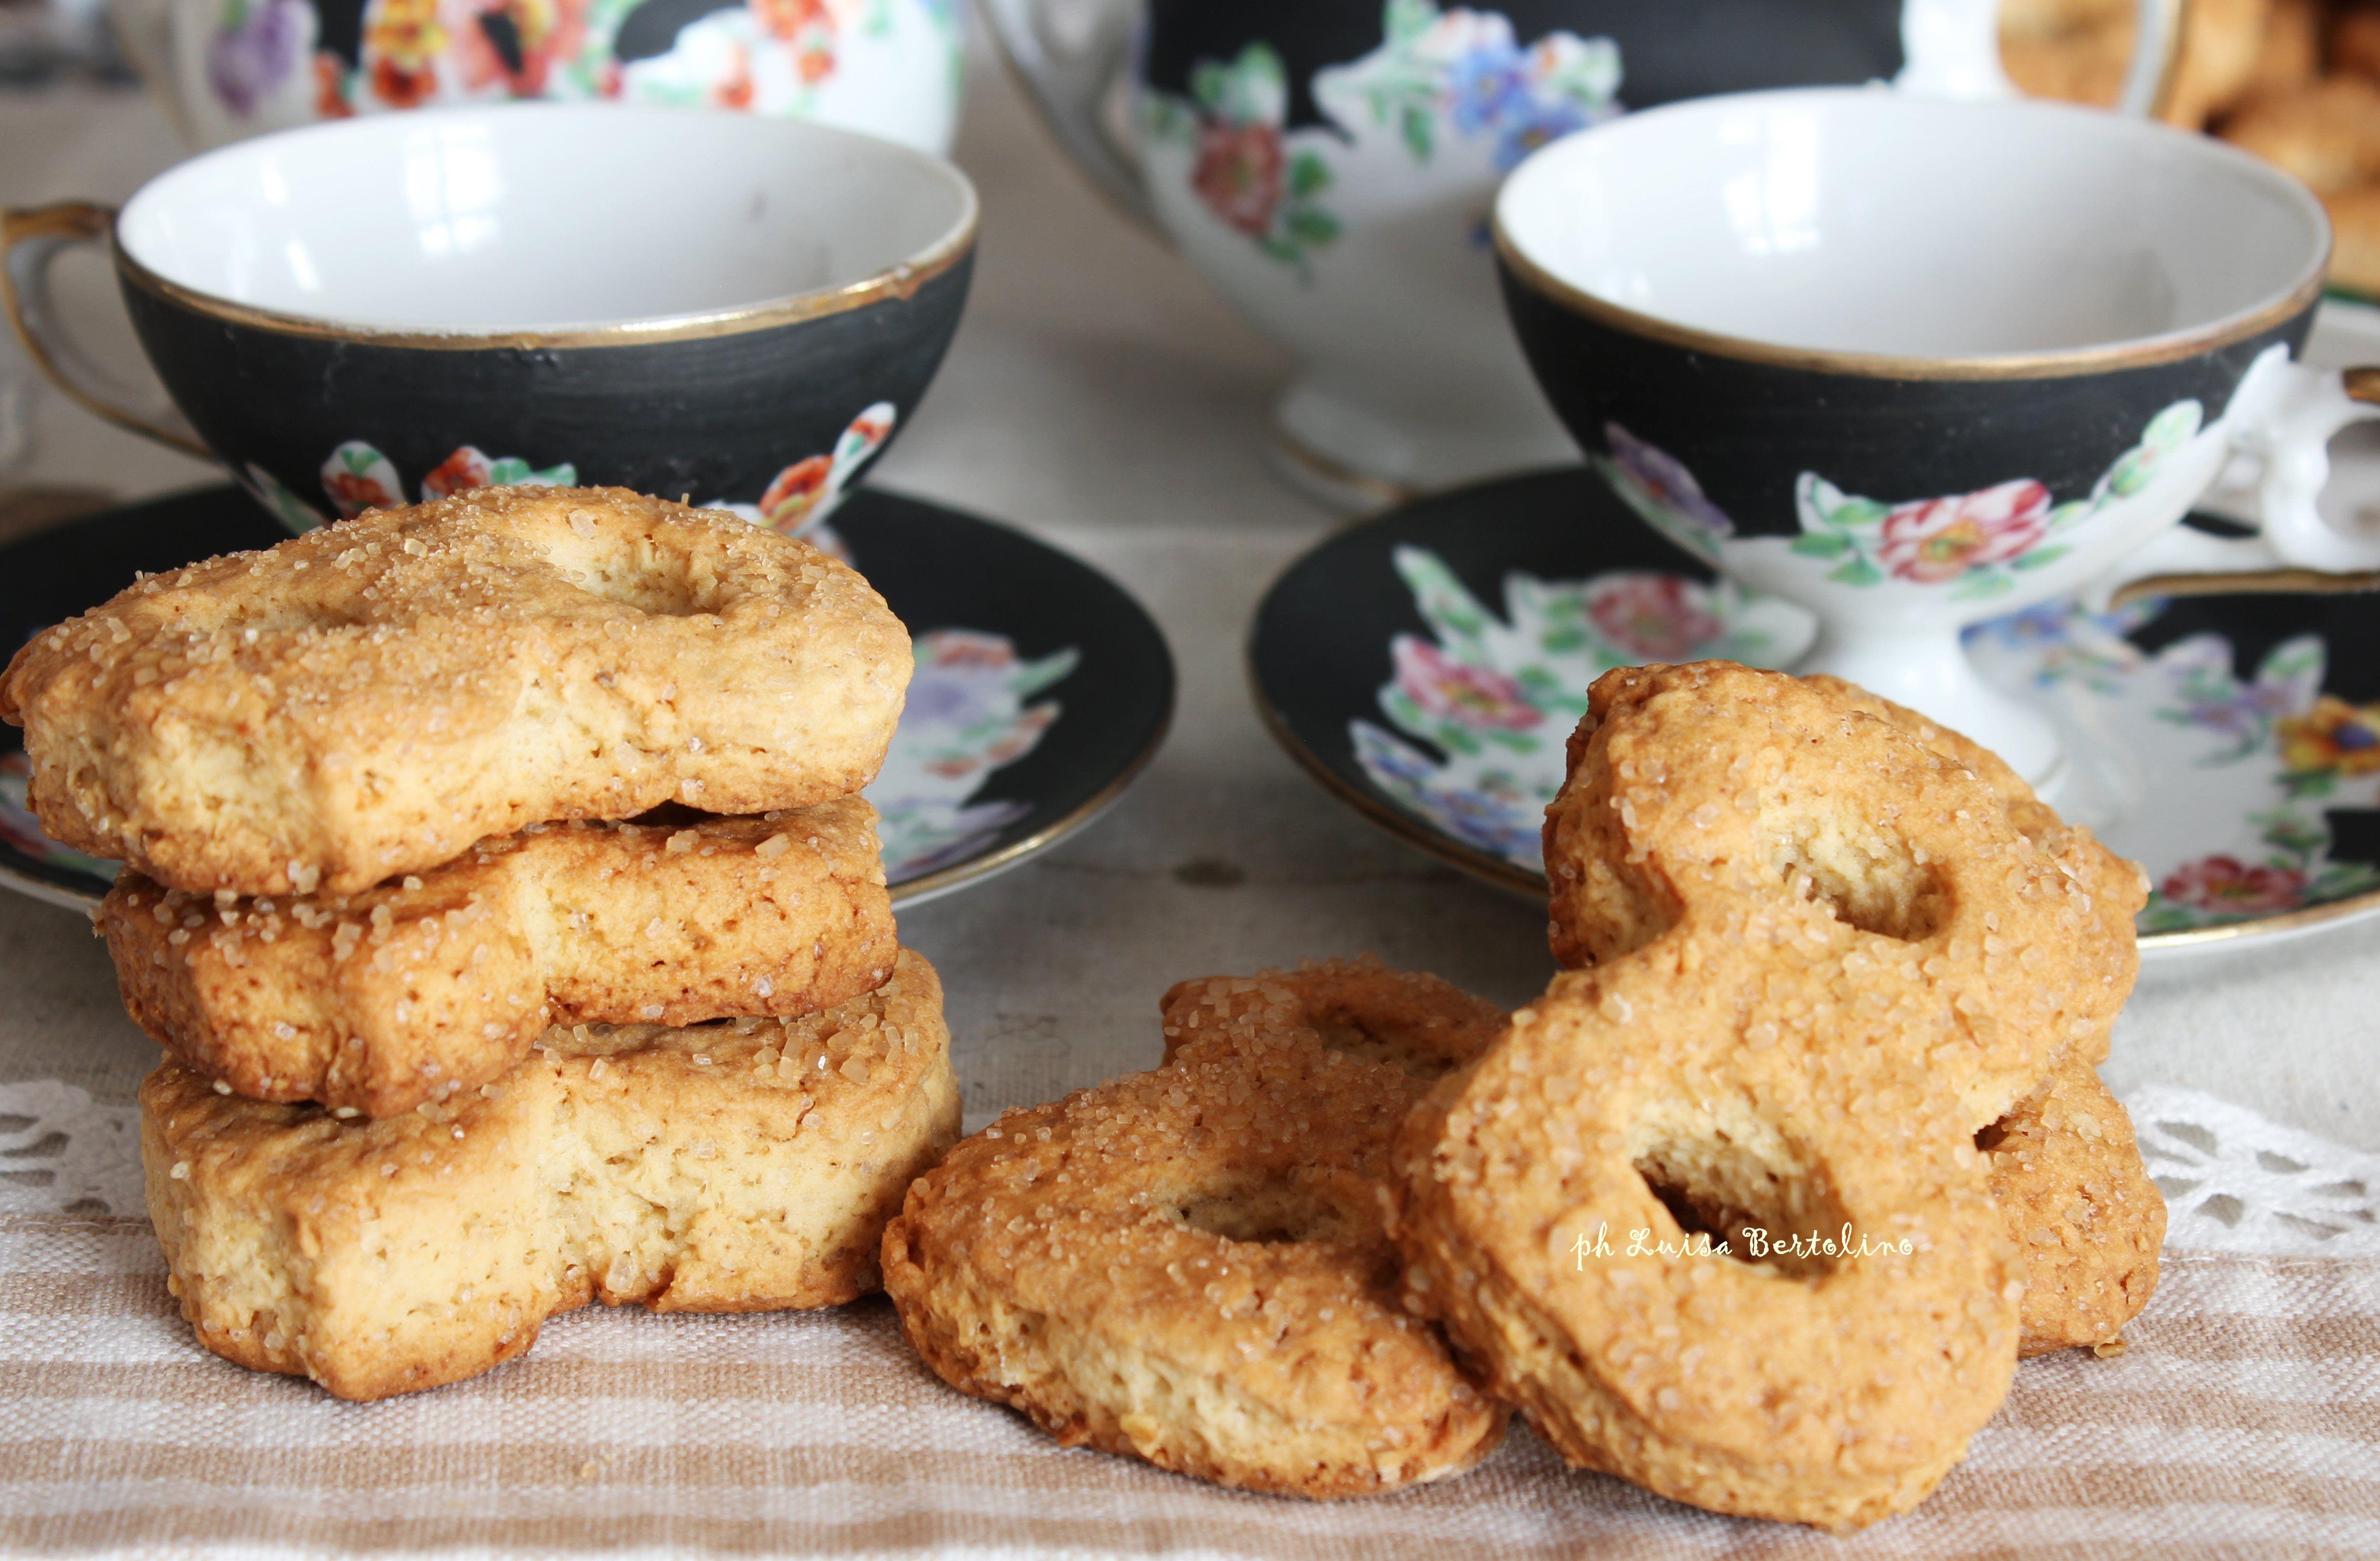 Biscotti tipo molinetti del mulino: molto simili agli originali ma con la genuinità e la soddisfazione dei biscotti fatti in casa.